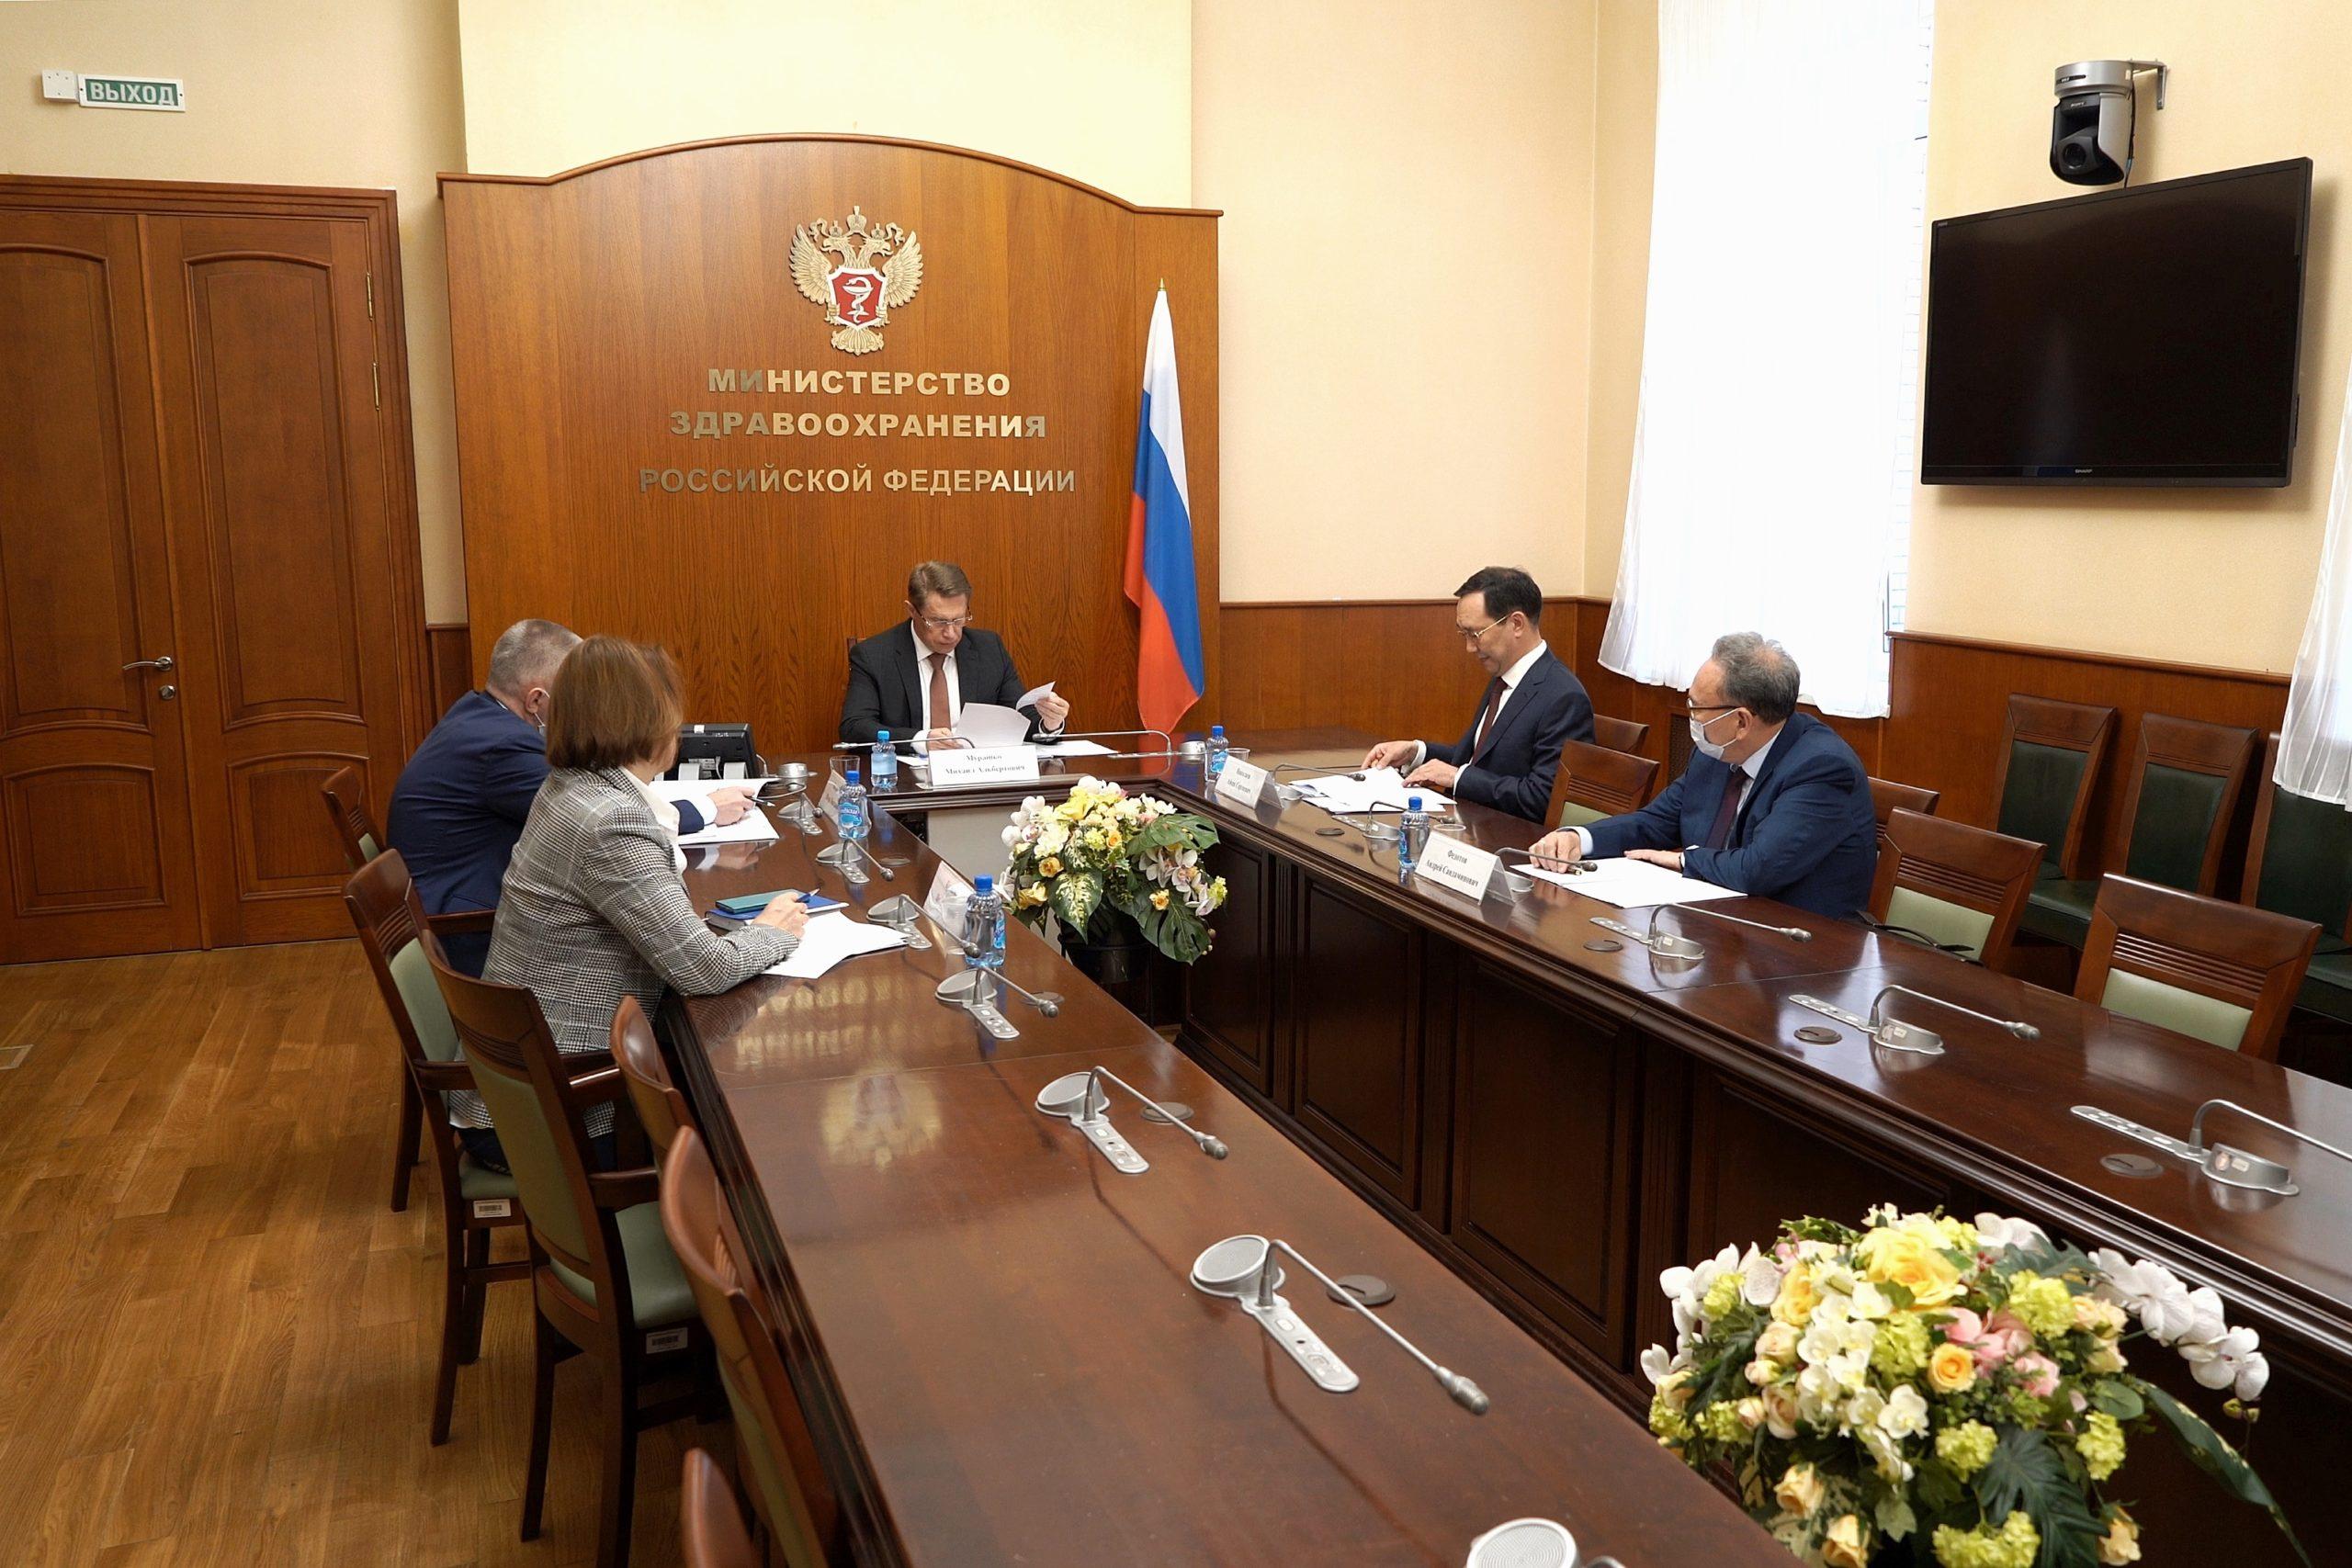 Айсен Николаев встретился с министром здравоохранения Российской Федерации Михаилом Мурашко